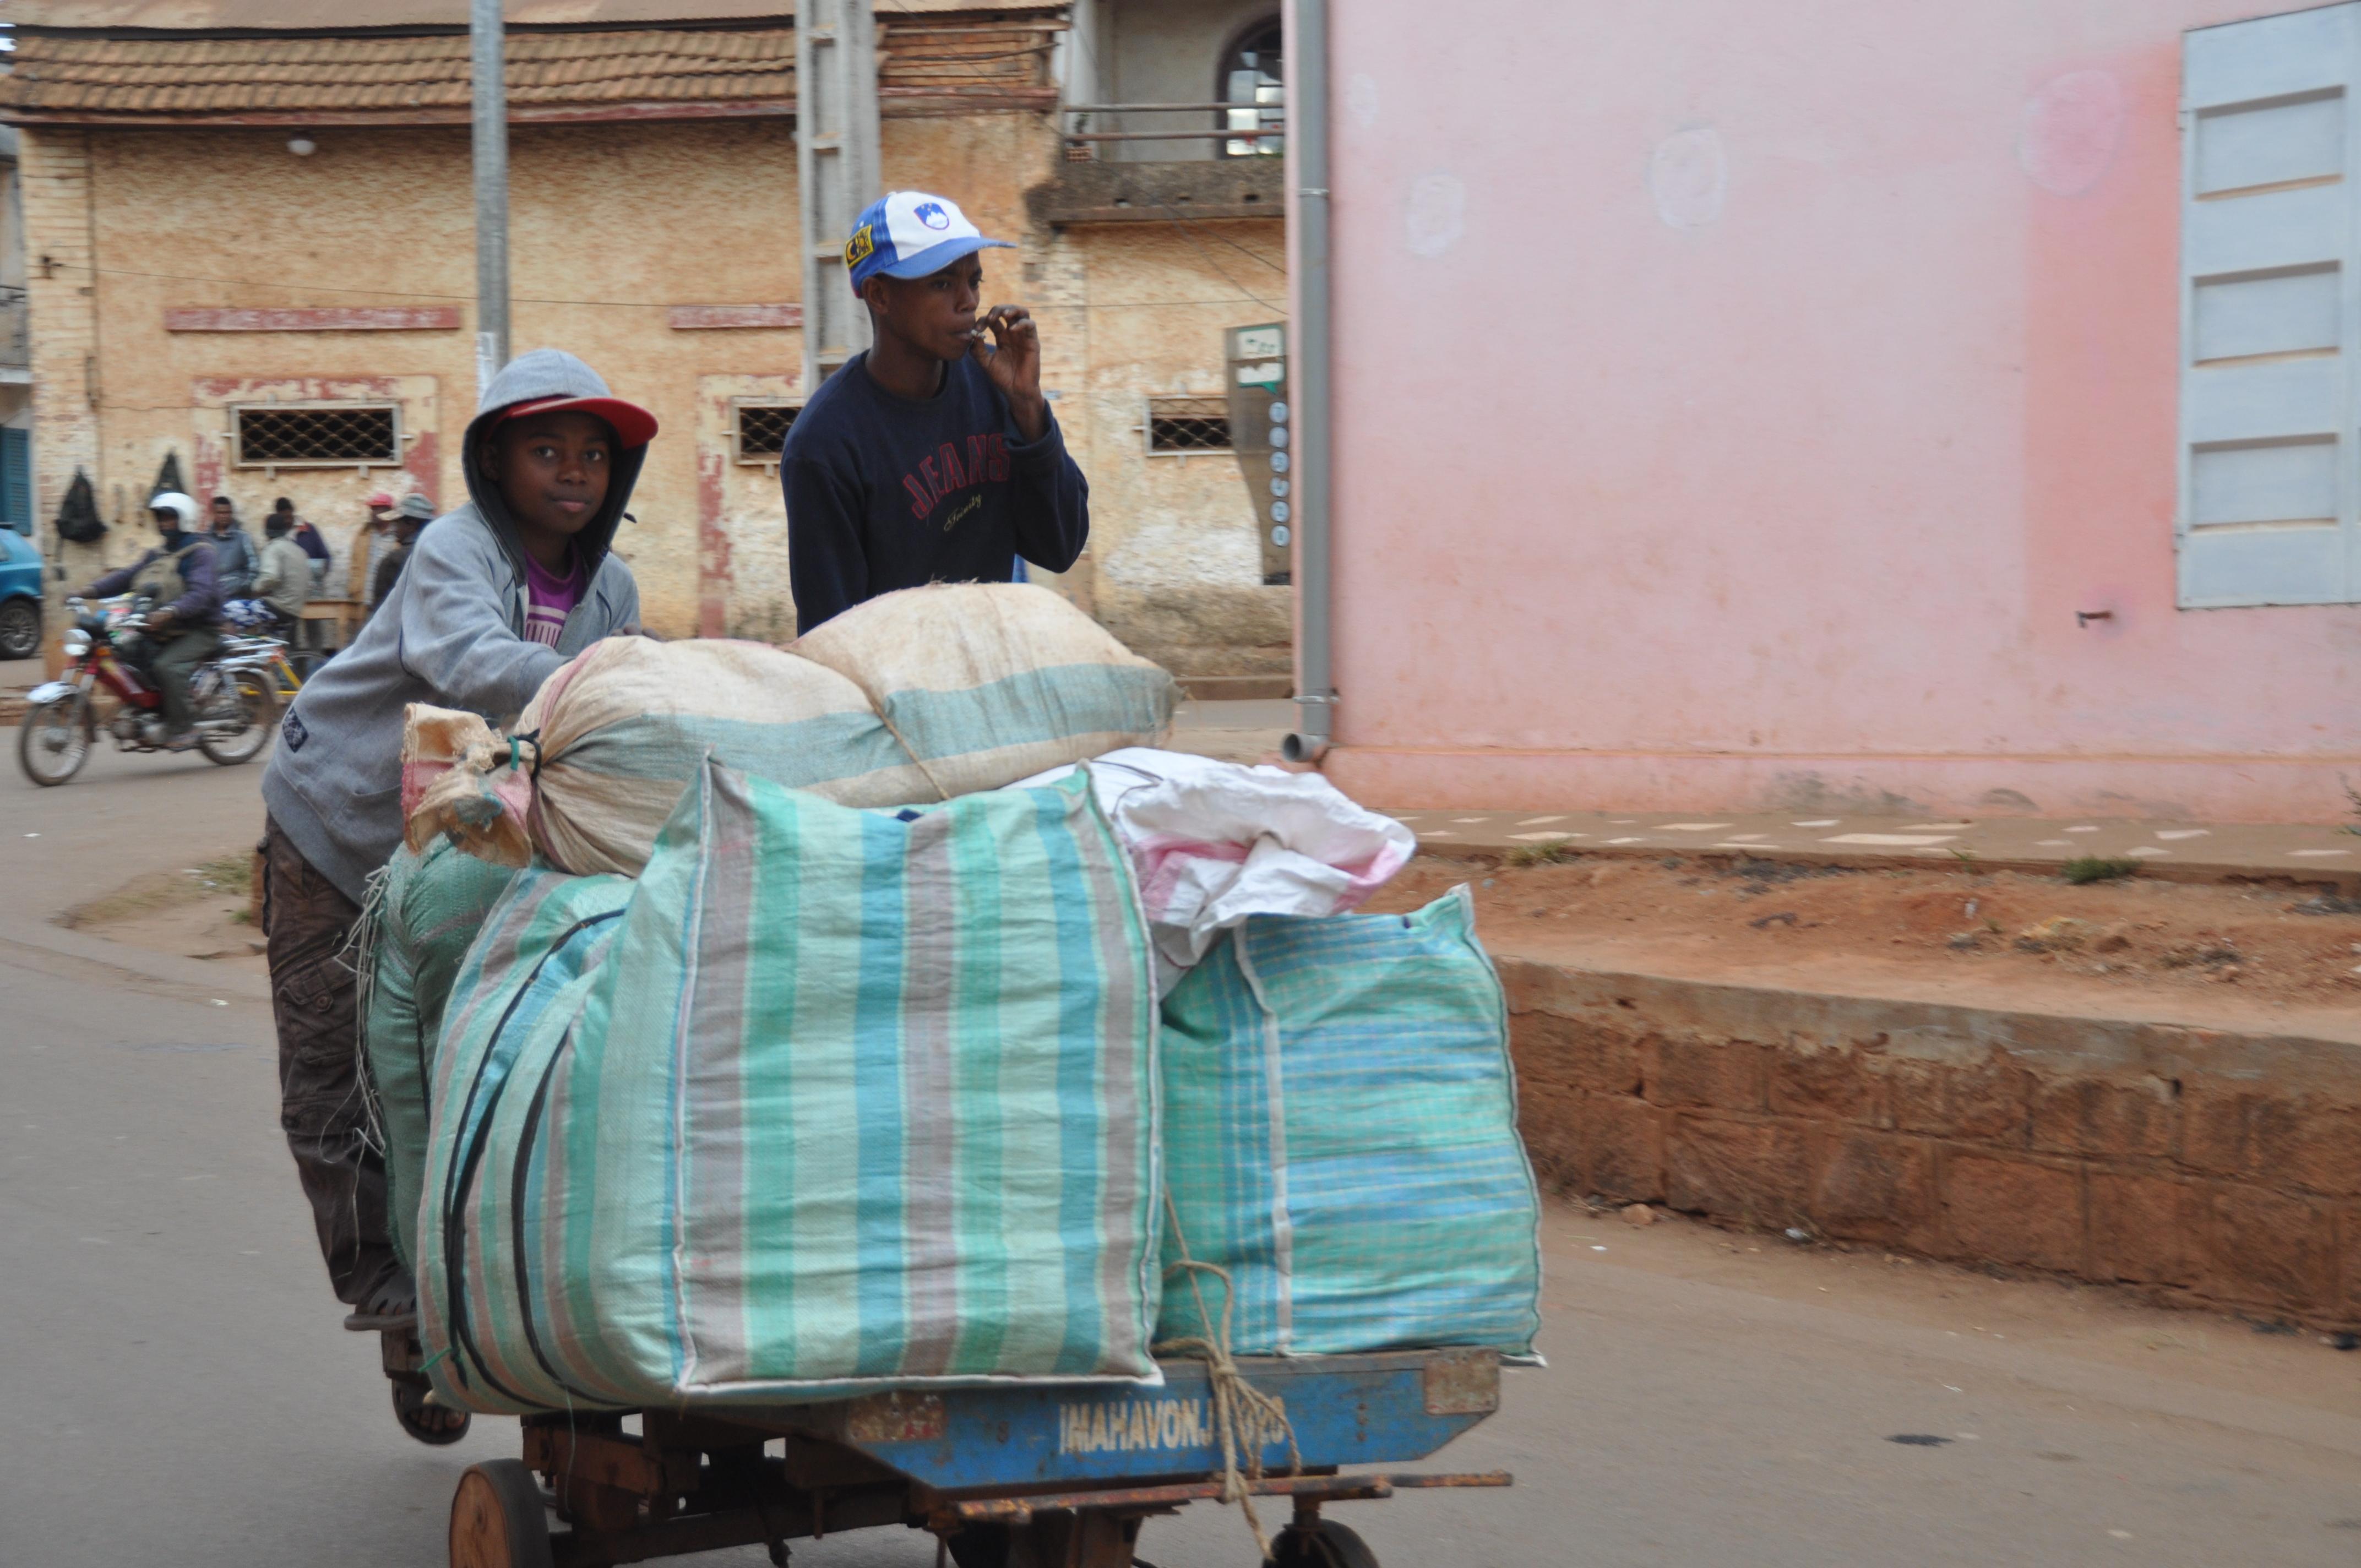 Disse vogne bruges over hele Madagaskar